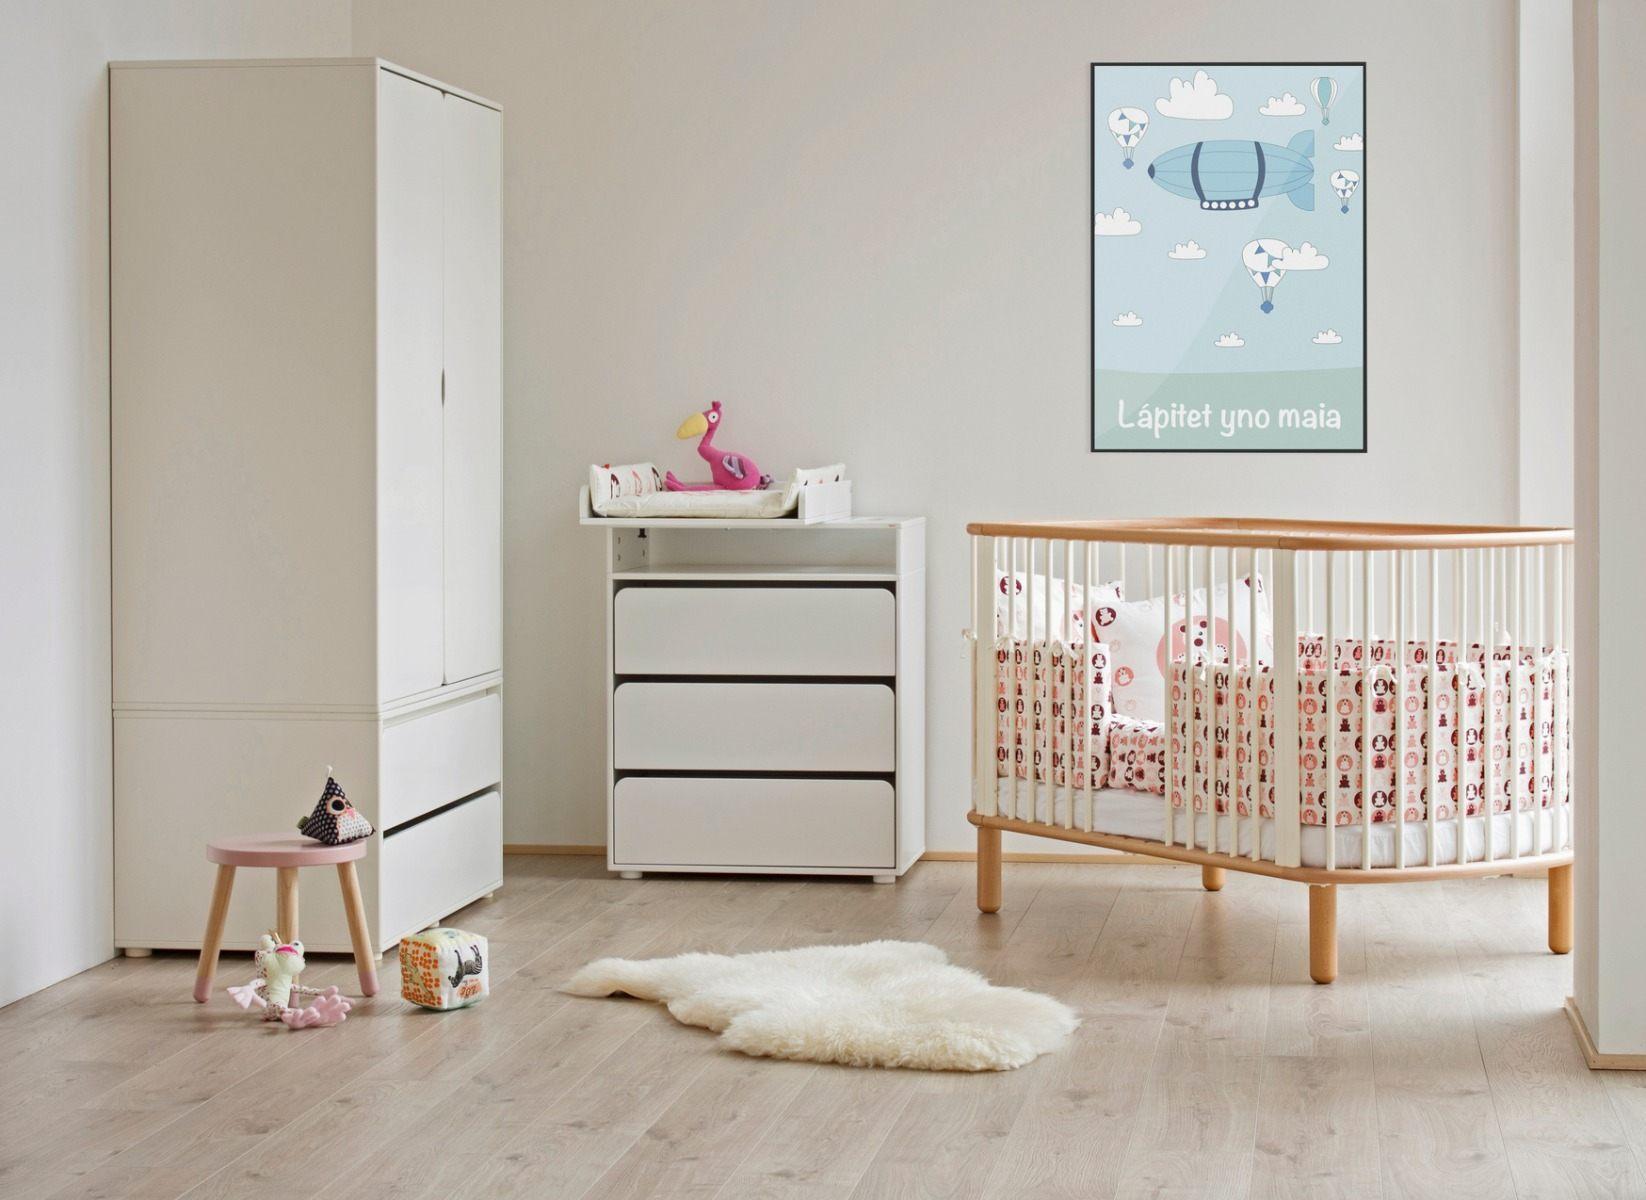 Parure De Lit Bébé Fille Luxe Bébé Punaise De Lit Chambre Bébé Fille Inspirant Parc B C3 A9b C3 A9